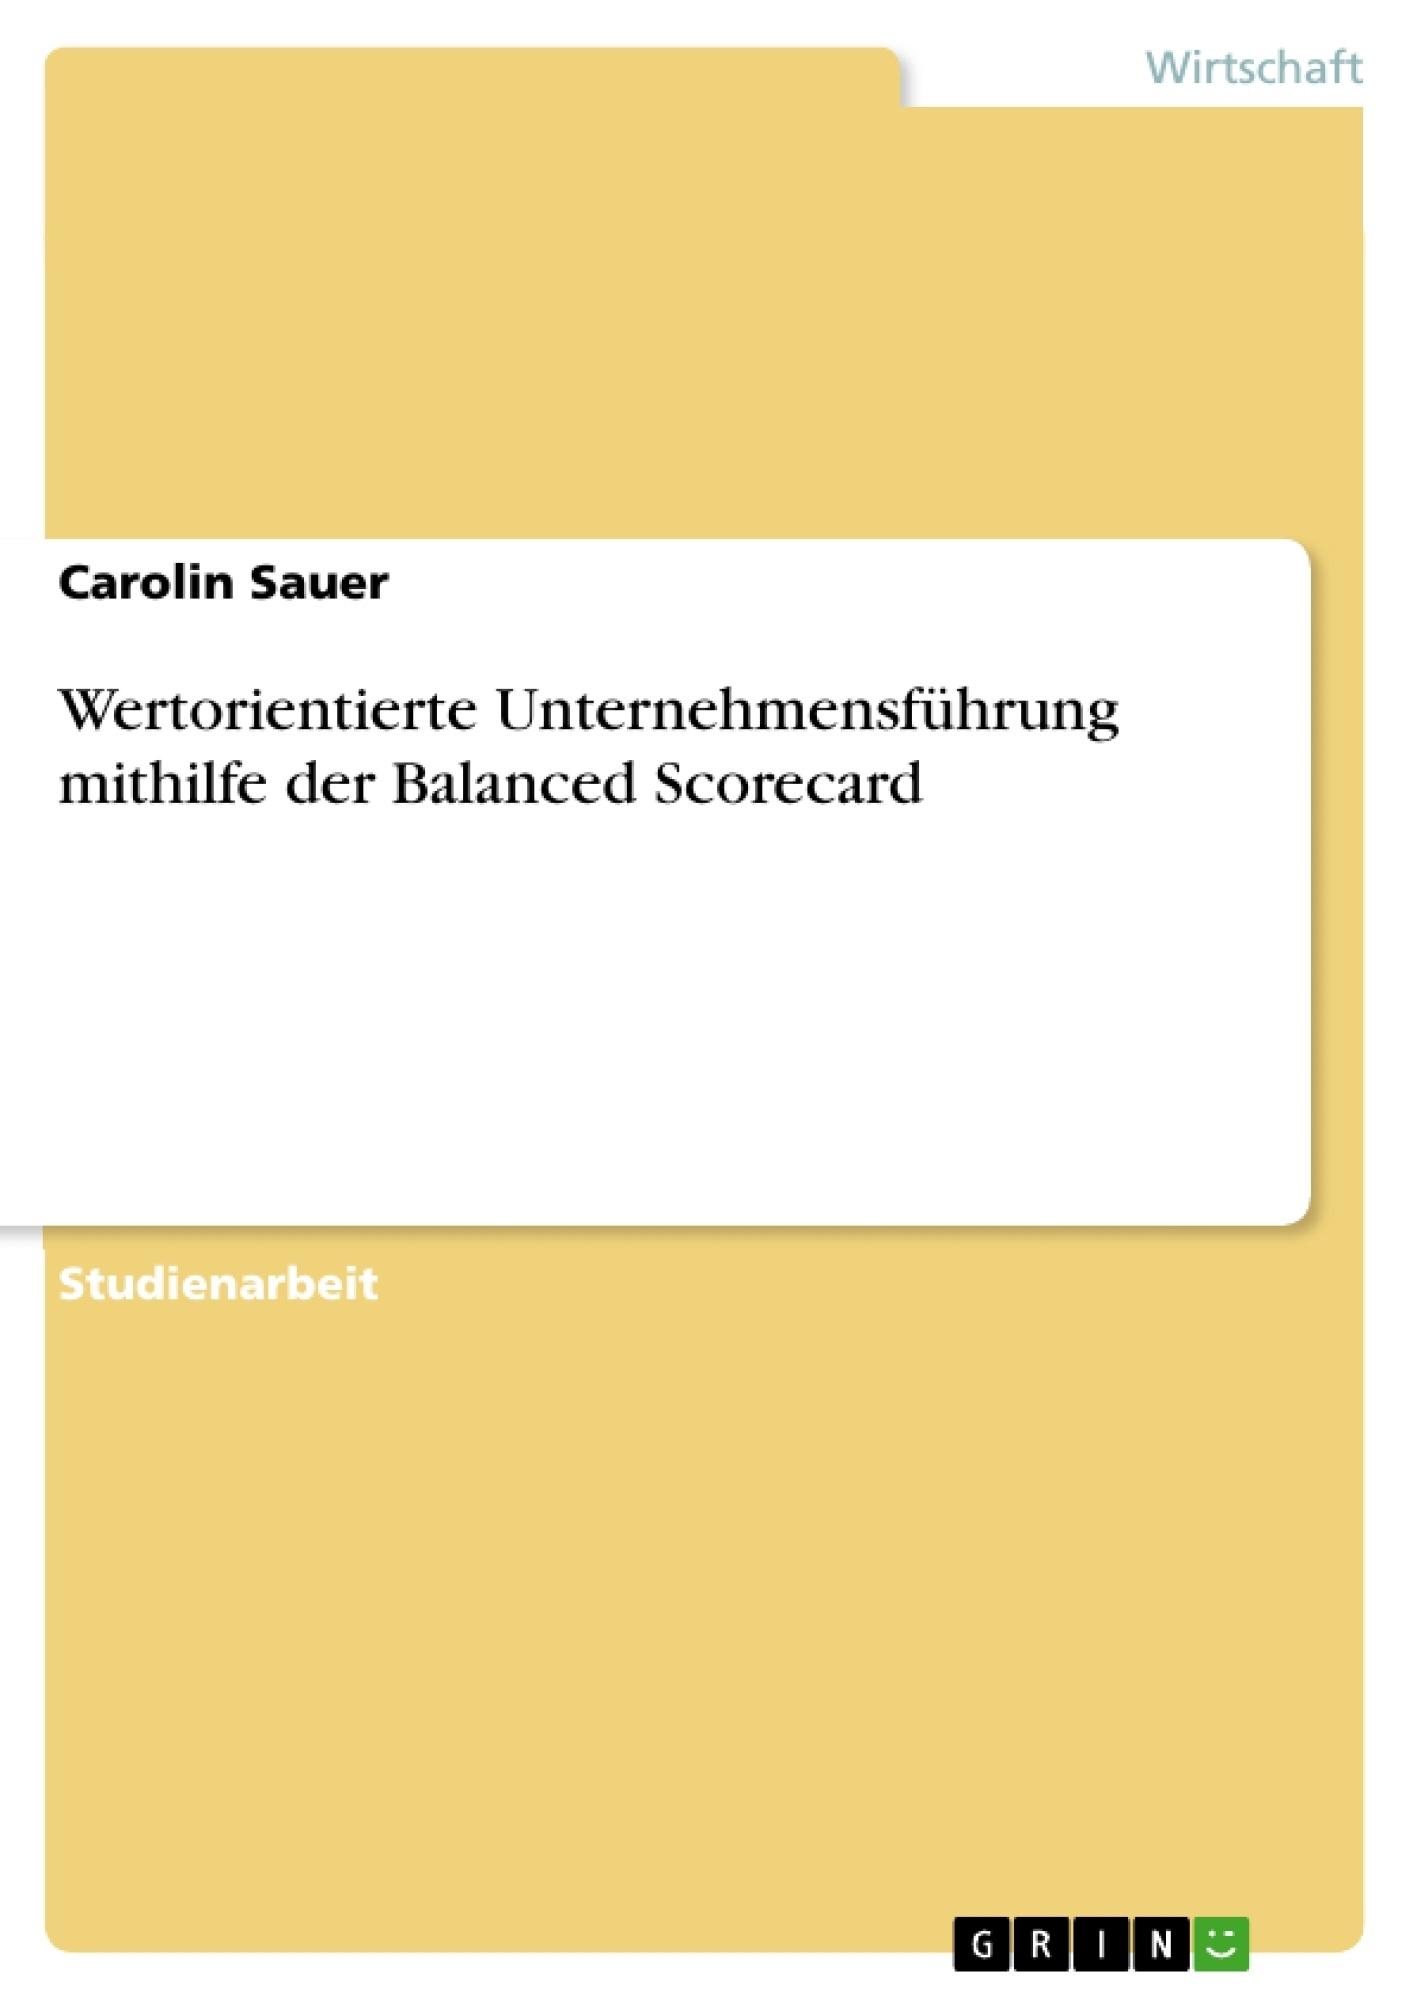 Titel: Wertorientierte Unternehmensführung mithilfe der Balanced Scorecard